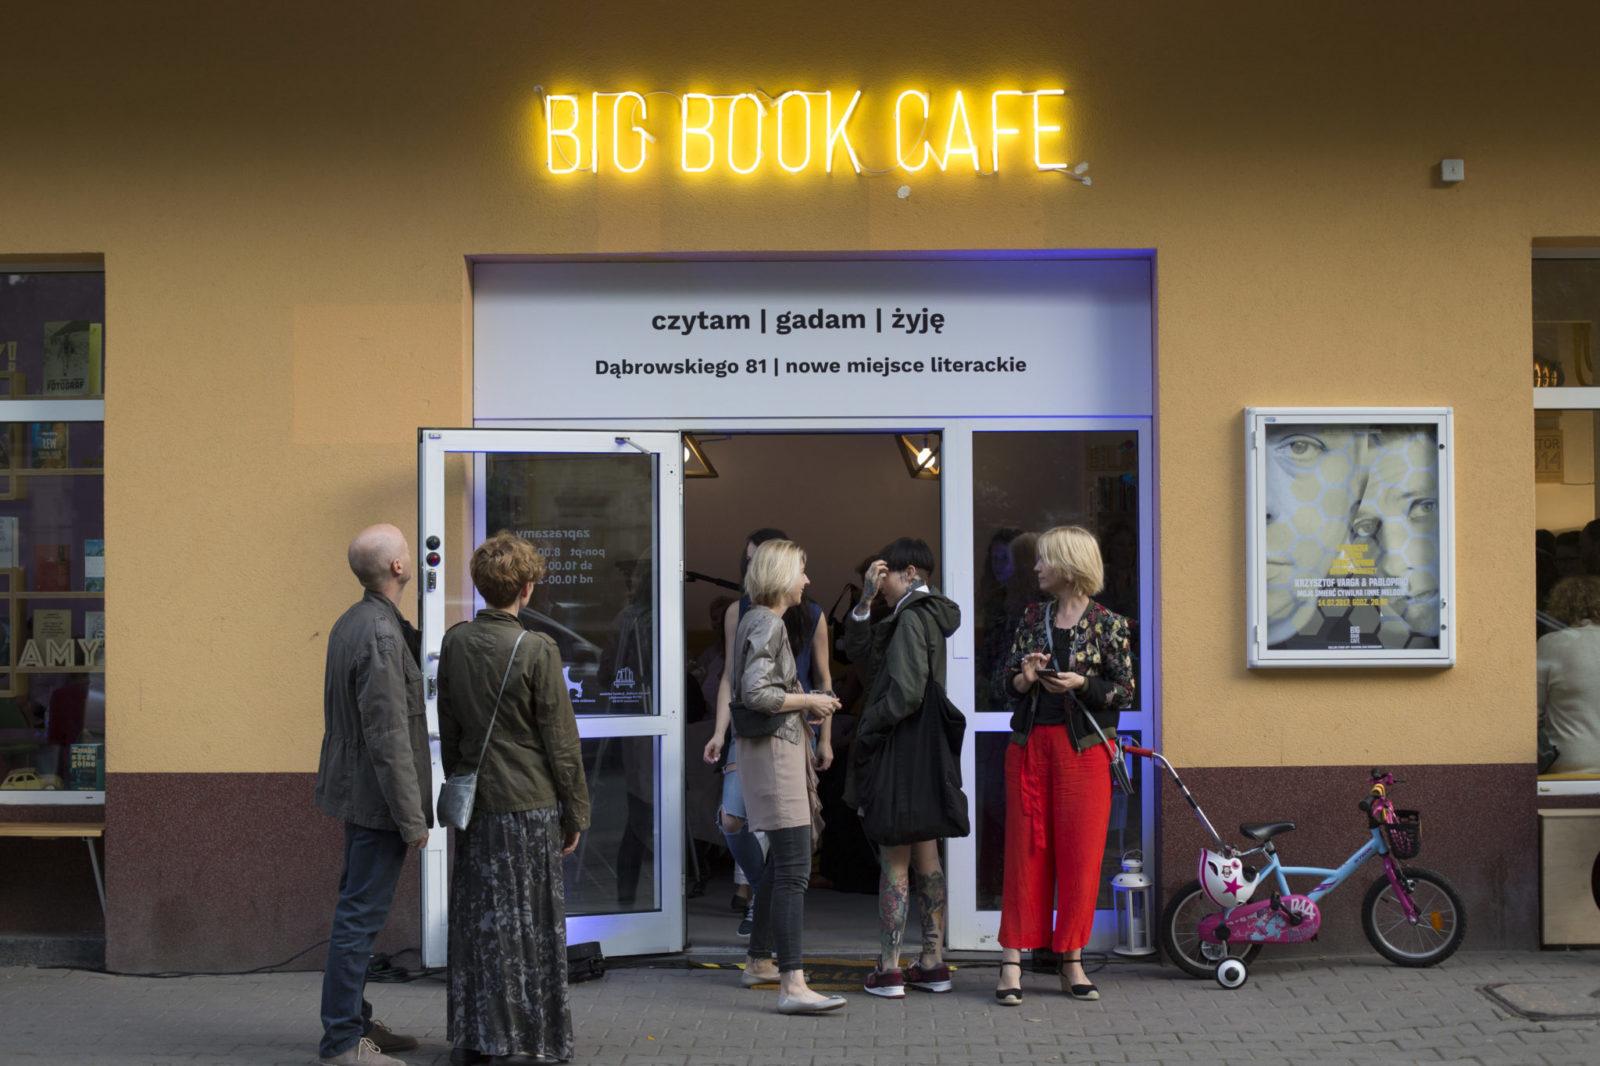 Widok wejścia do kawiarnii - żółte ściany i neon Big Book Cafe